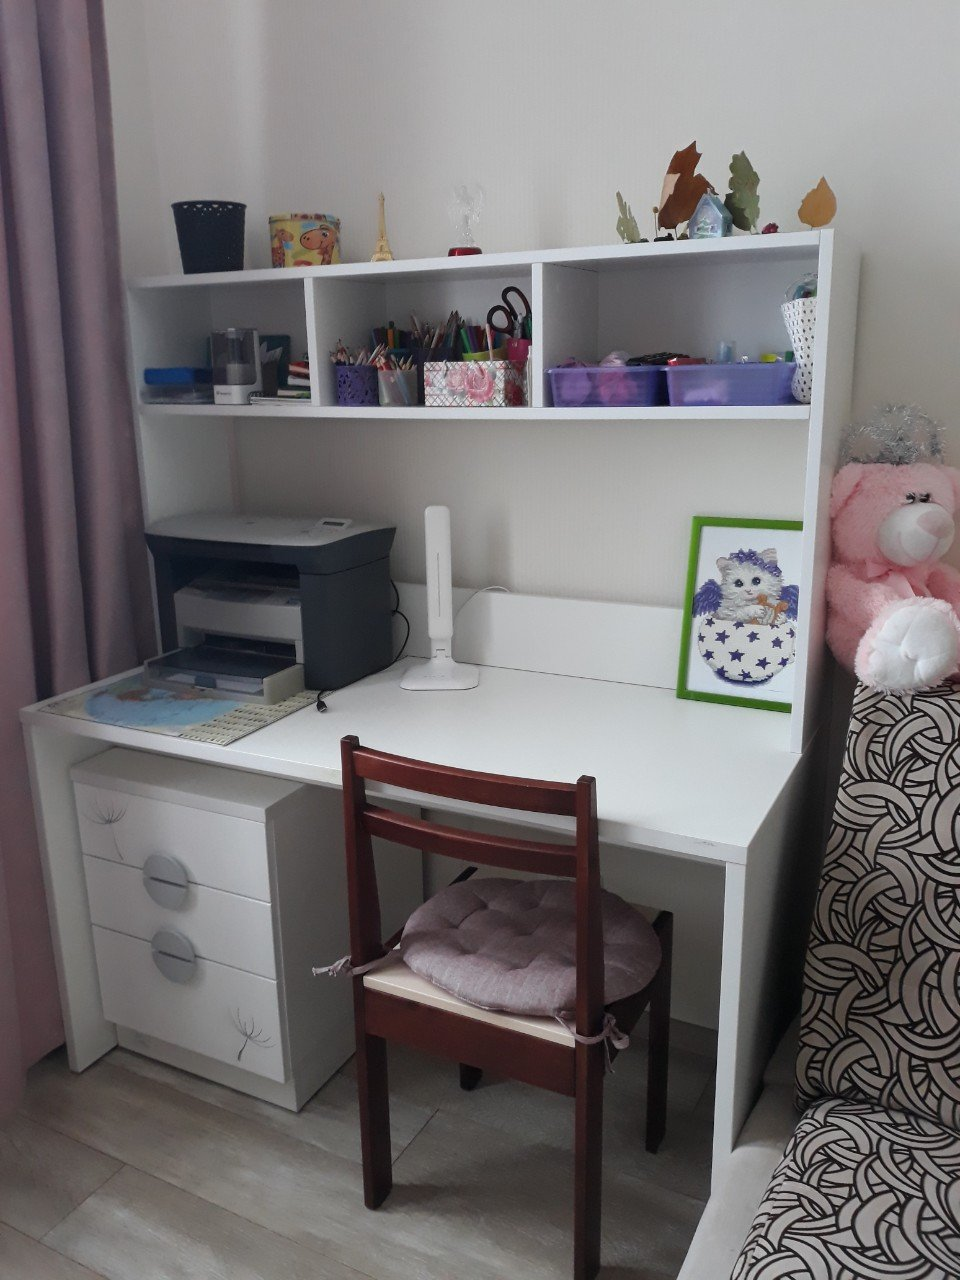 Фабрика дитячих меблів DIMI - Спасибо большое за профессиональную работу!